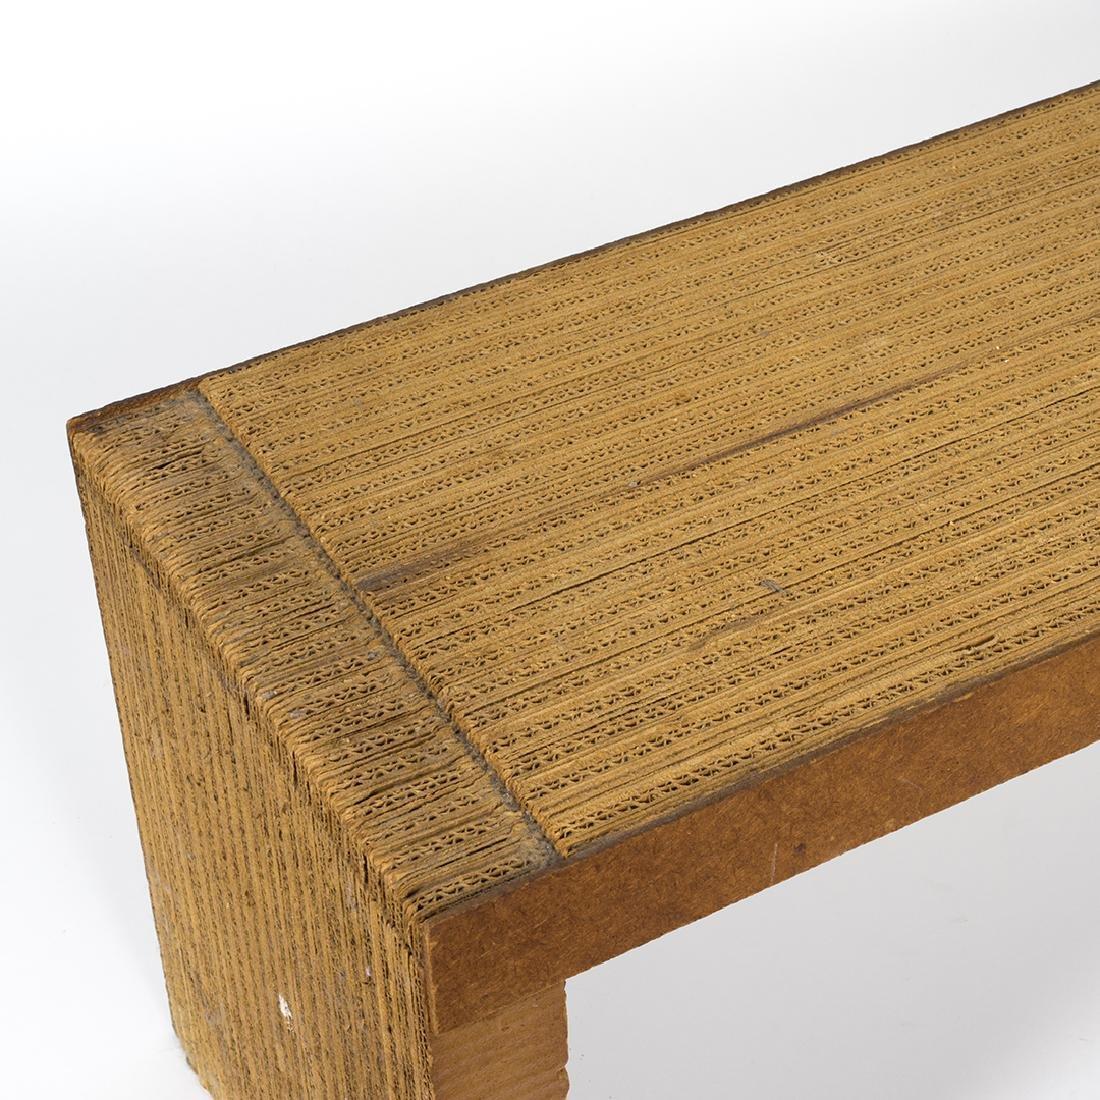 Frank Gehry Easy Edges Shelf or Table - 4